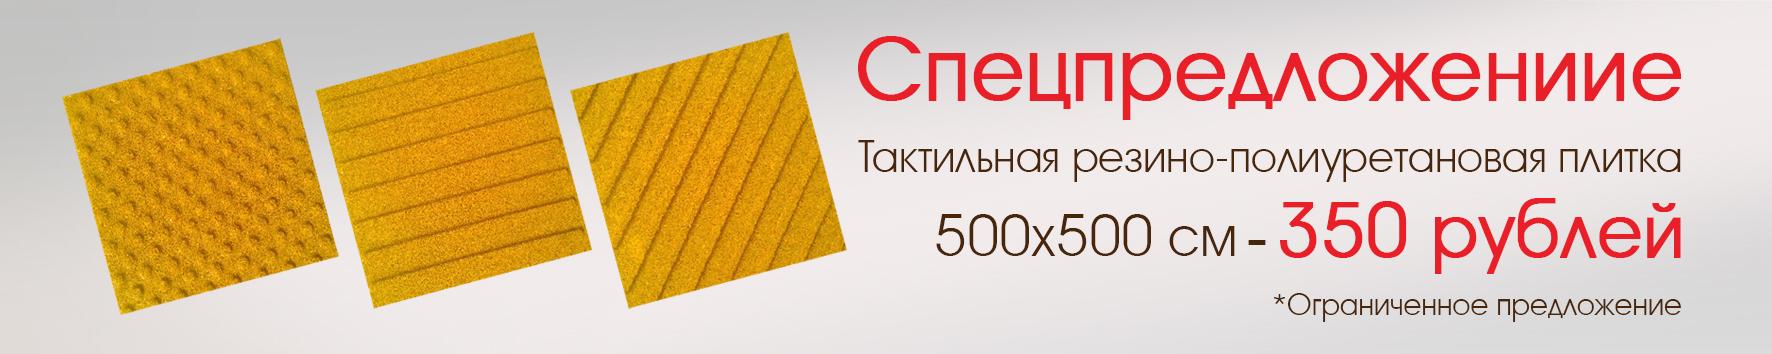 Спецпредложение по резино-полиуретановой плитке РостАрт